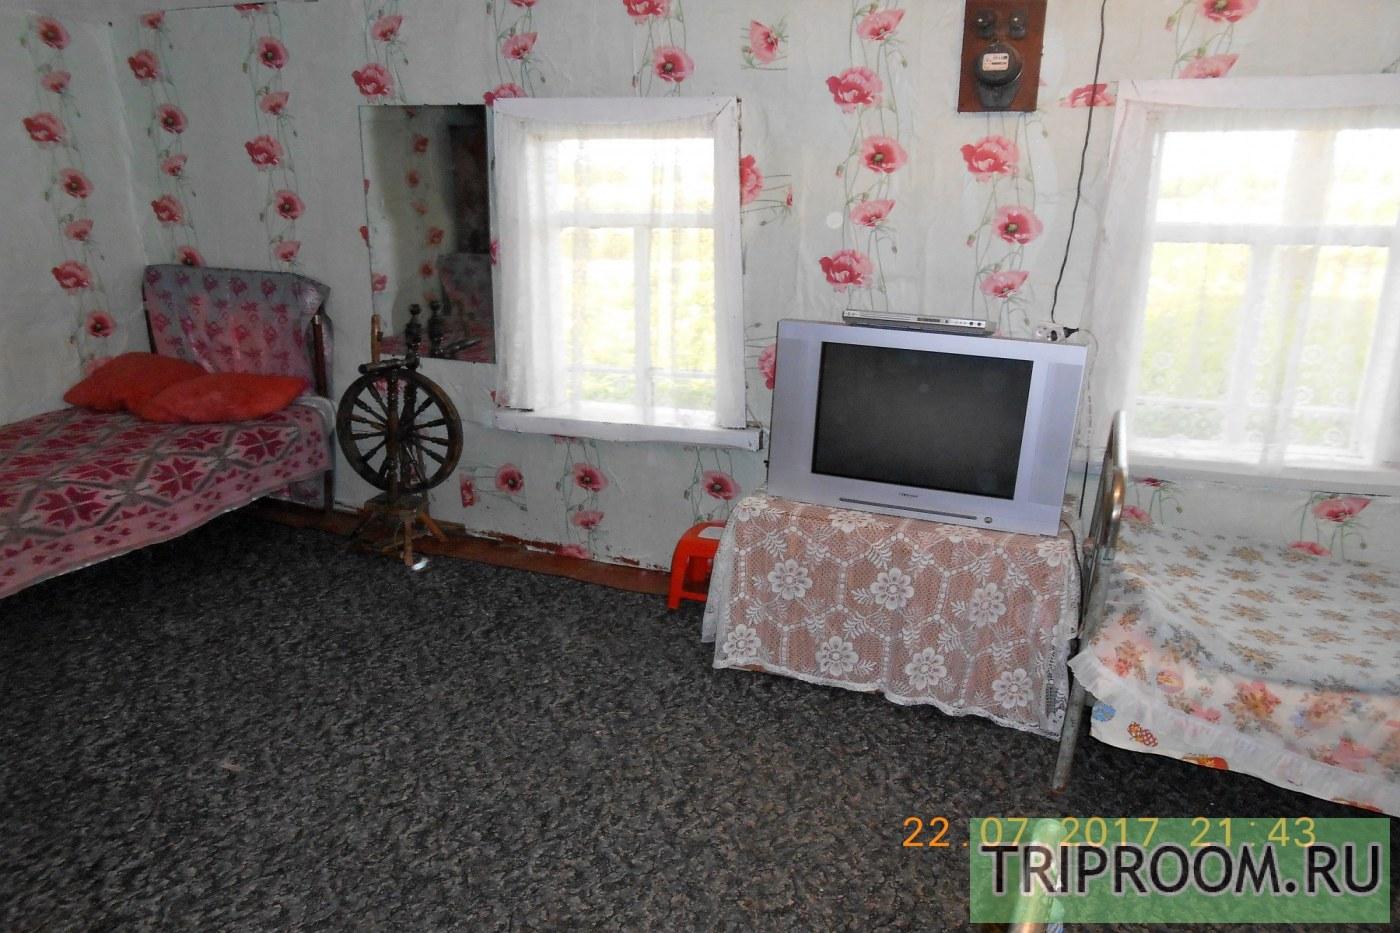 2-комнатный Дача посуточно (вариант № 39941), ул. Дачная улица, фото № 7